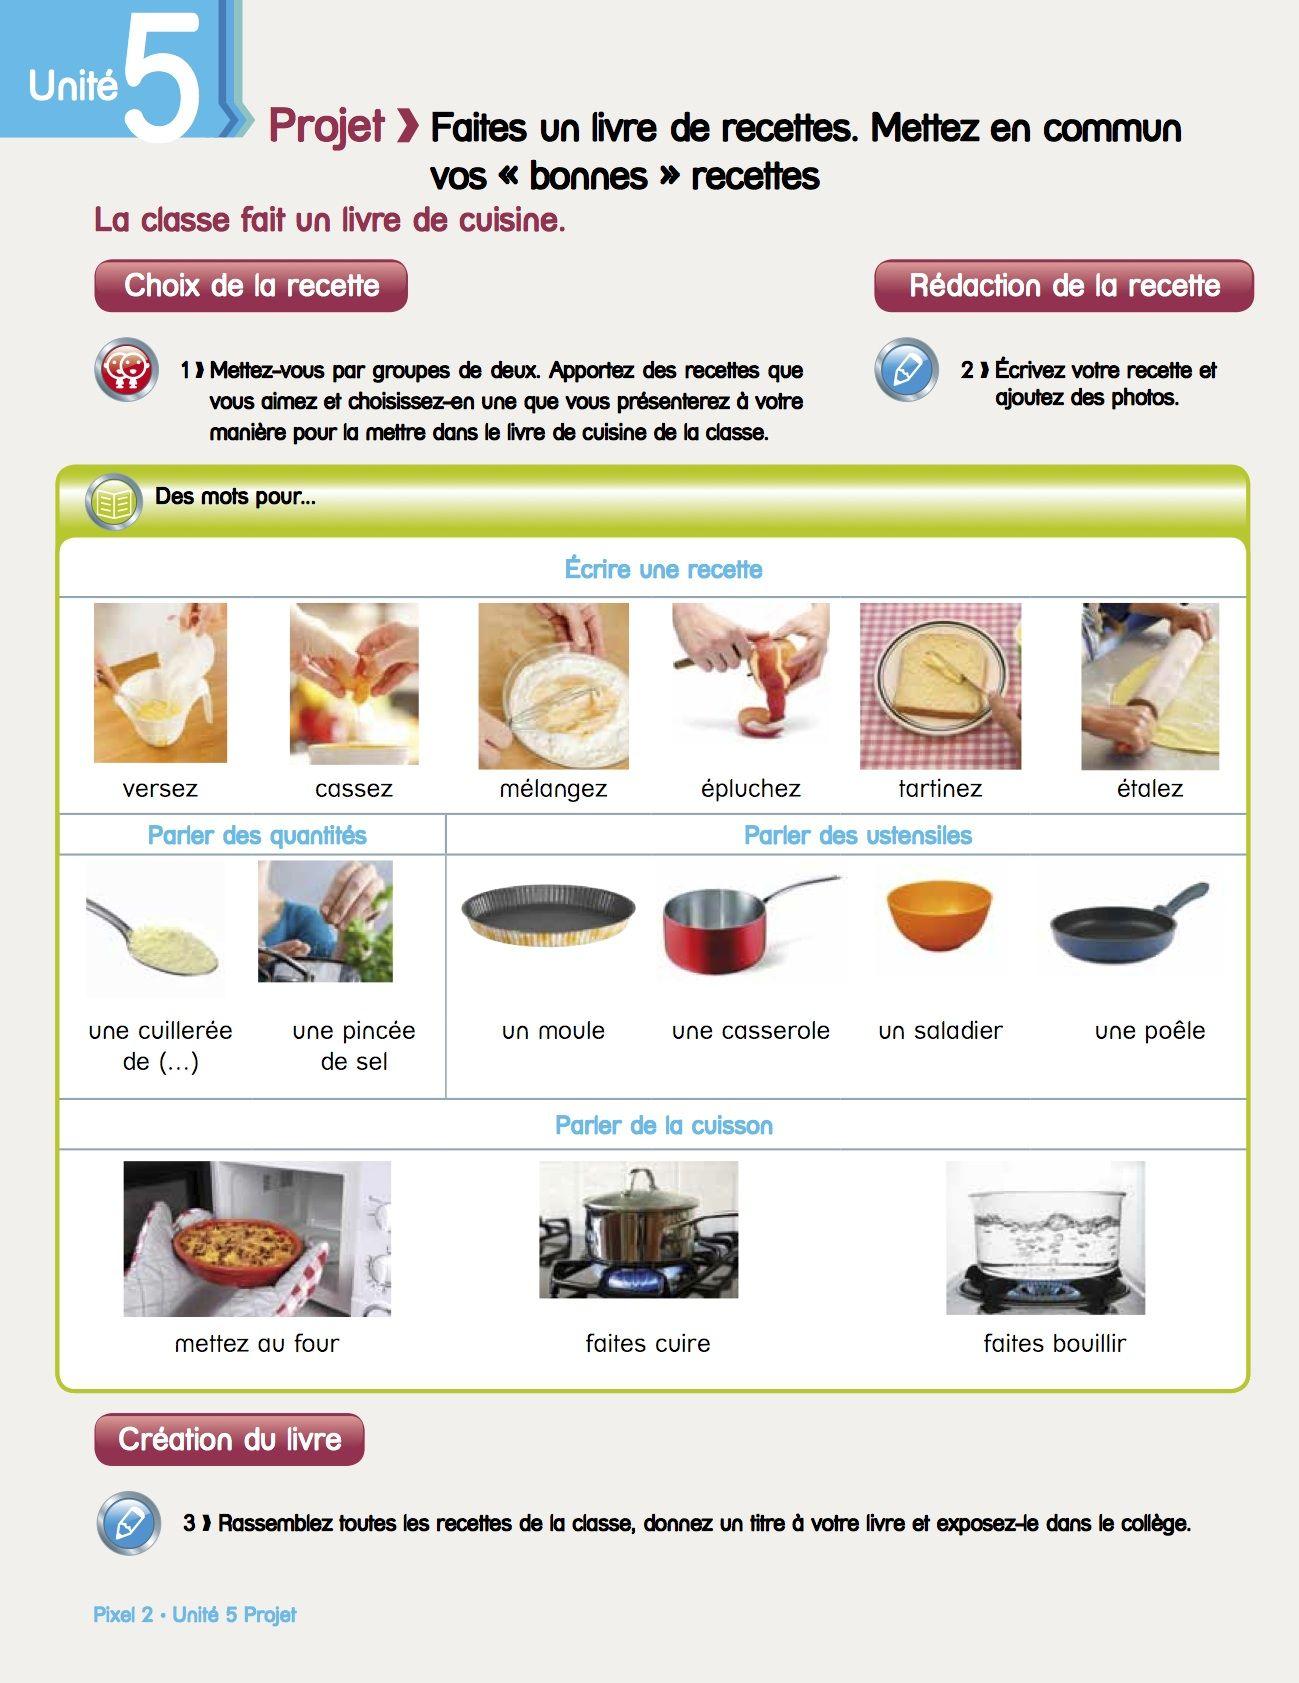 Projet la classe cr e un livre de recettes par deux crire une recette l 39 illust fle for Creer un livre de cuisine personnalise